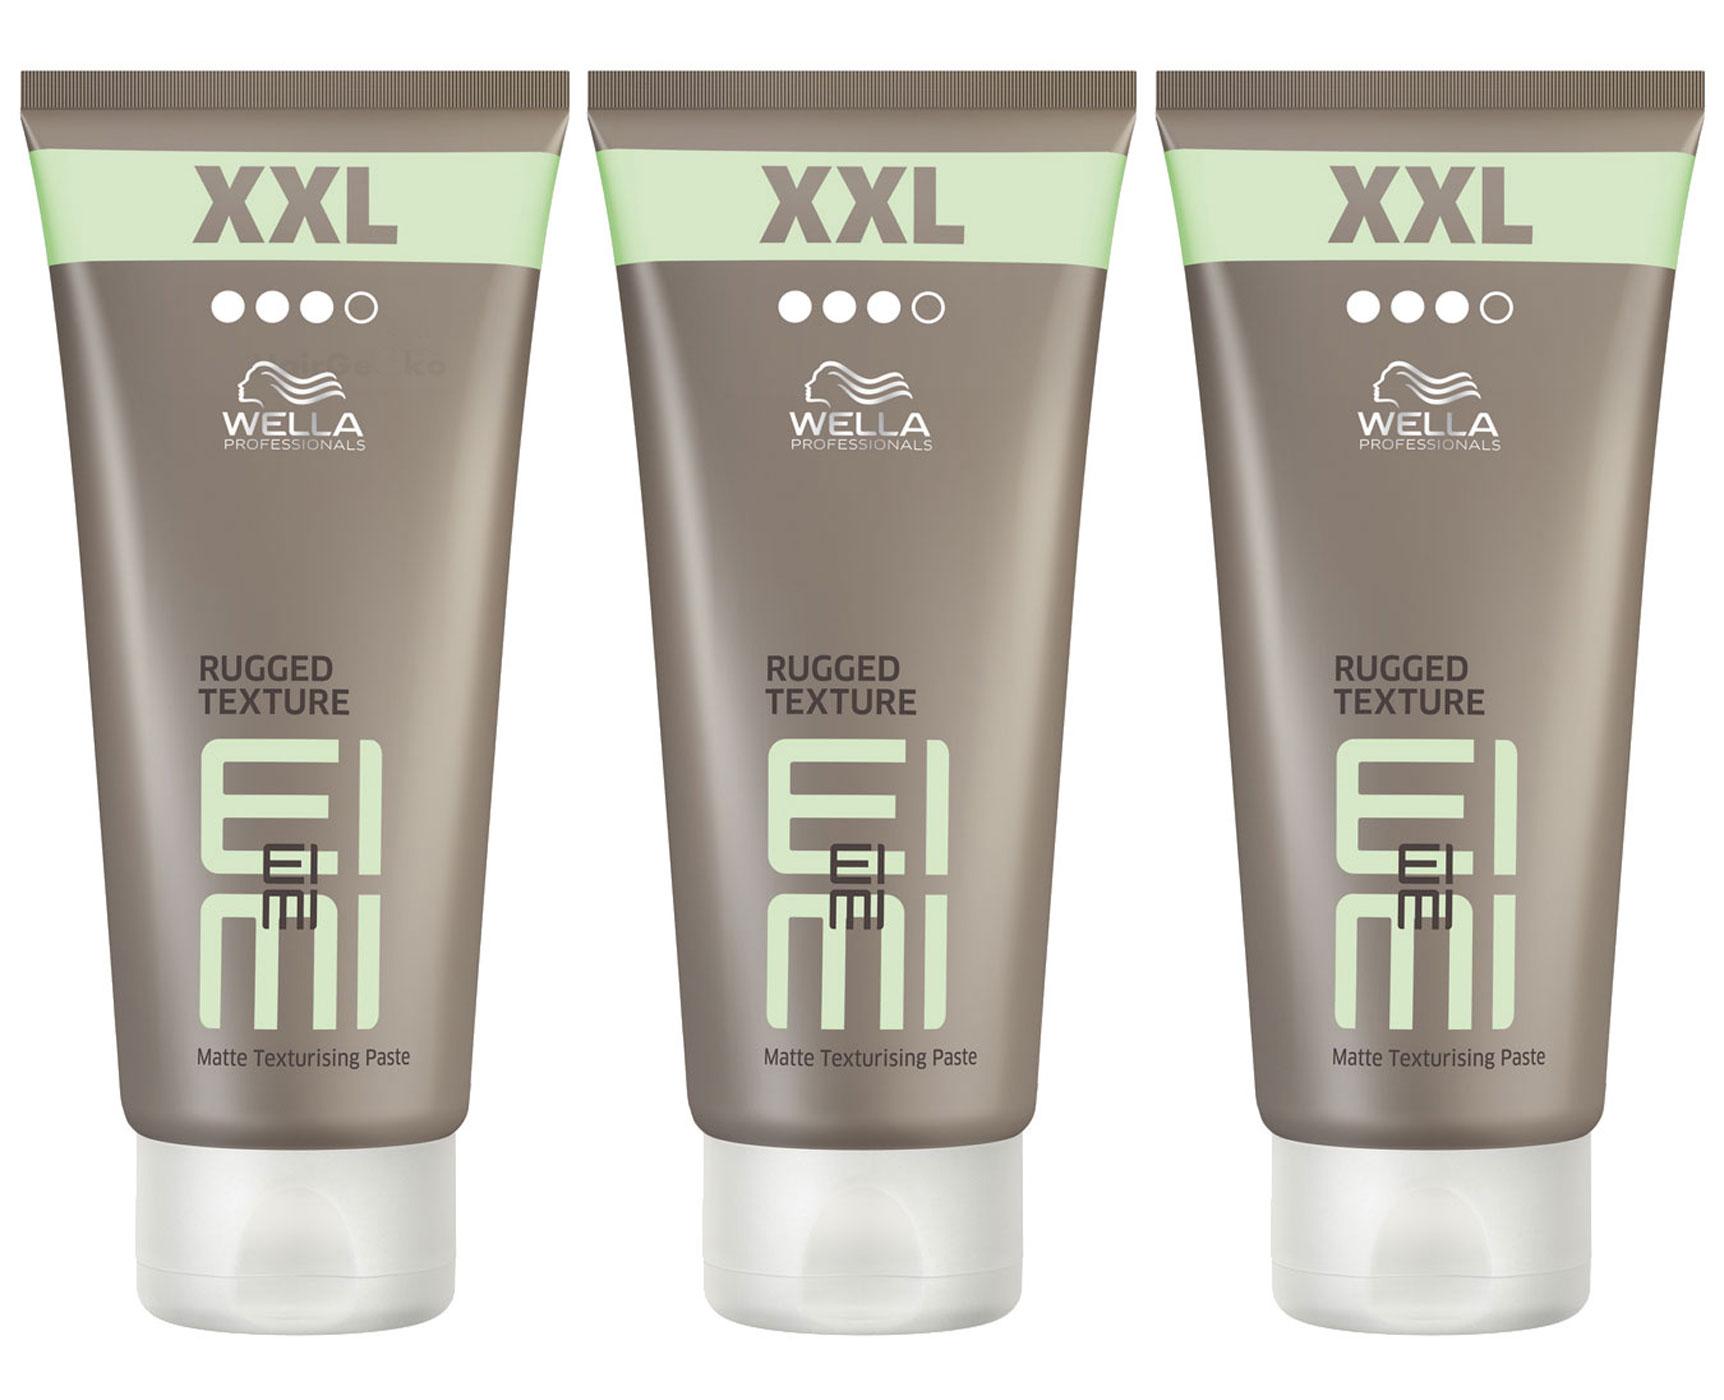 Wella EIMI Rugged Texture Haarpaste XXL Set - 3x 150ml = 450ml